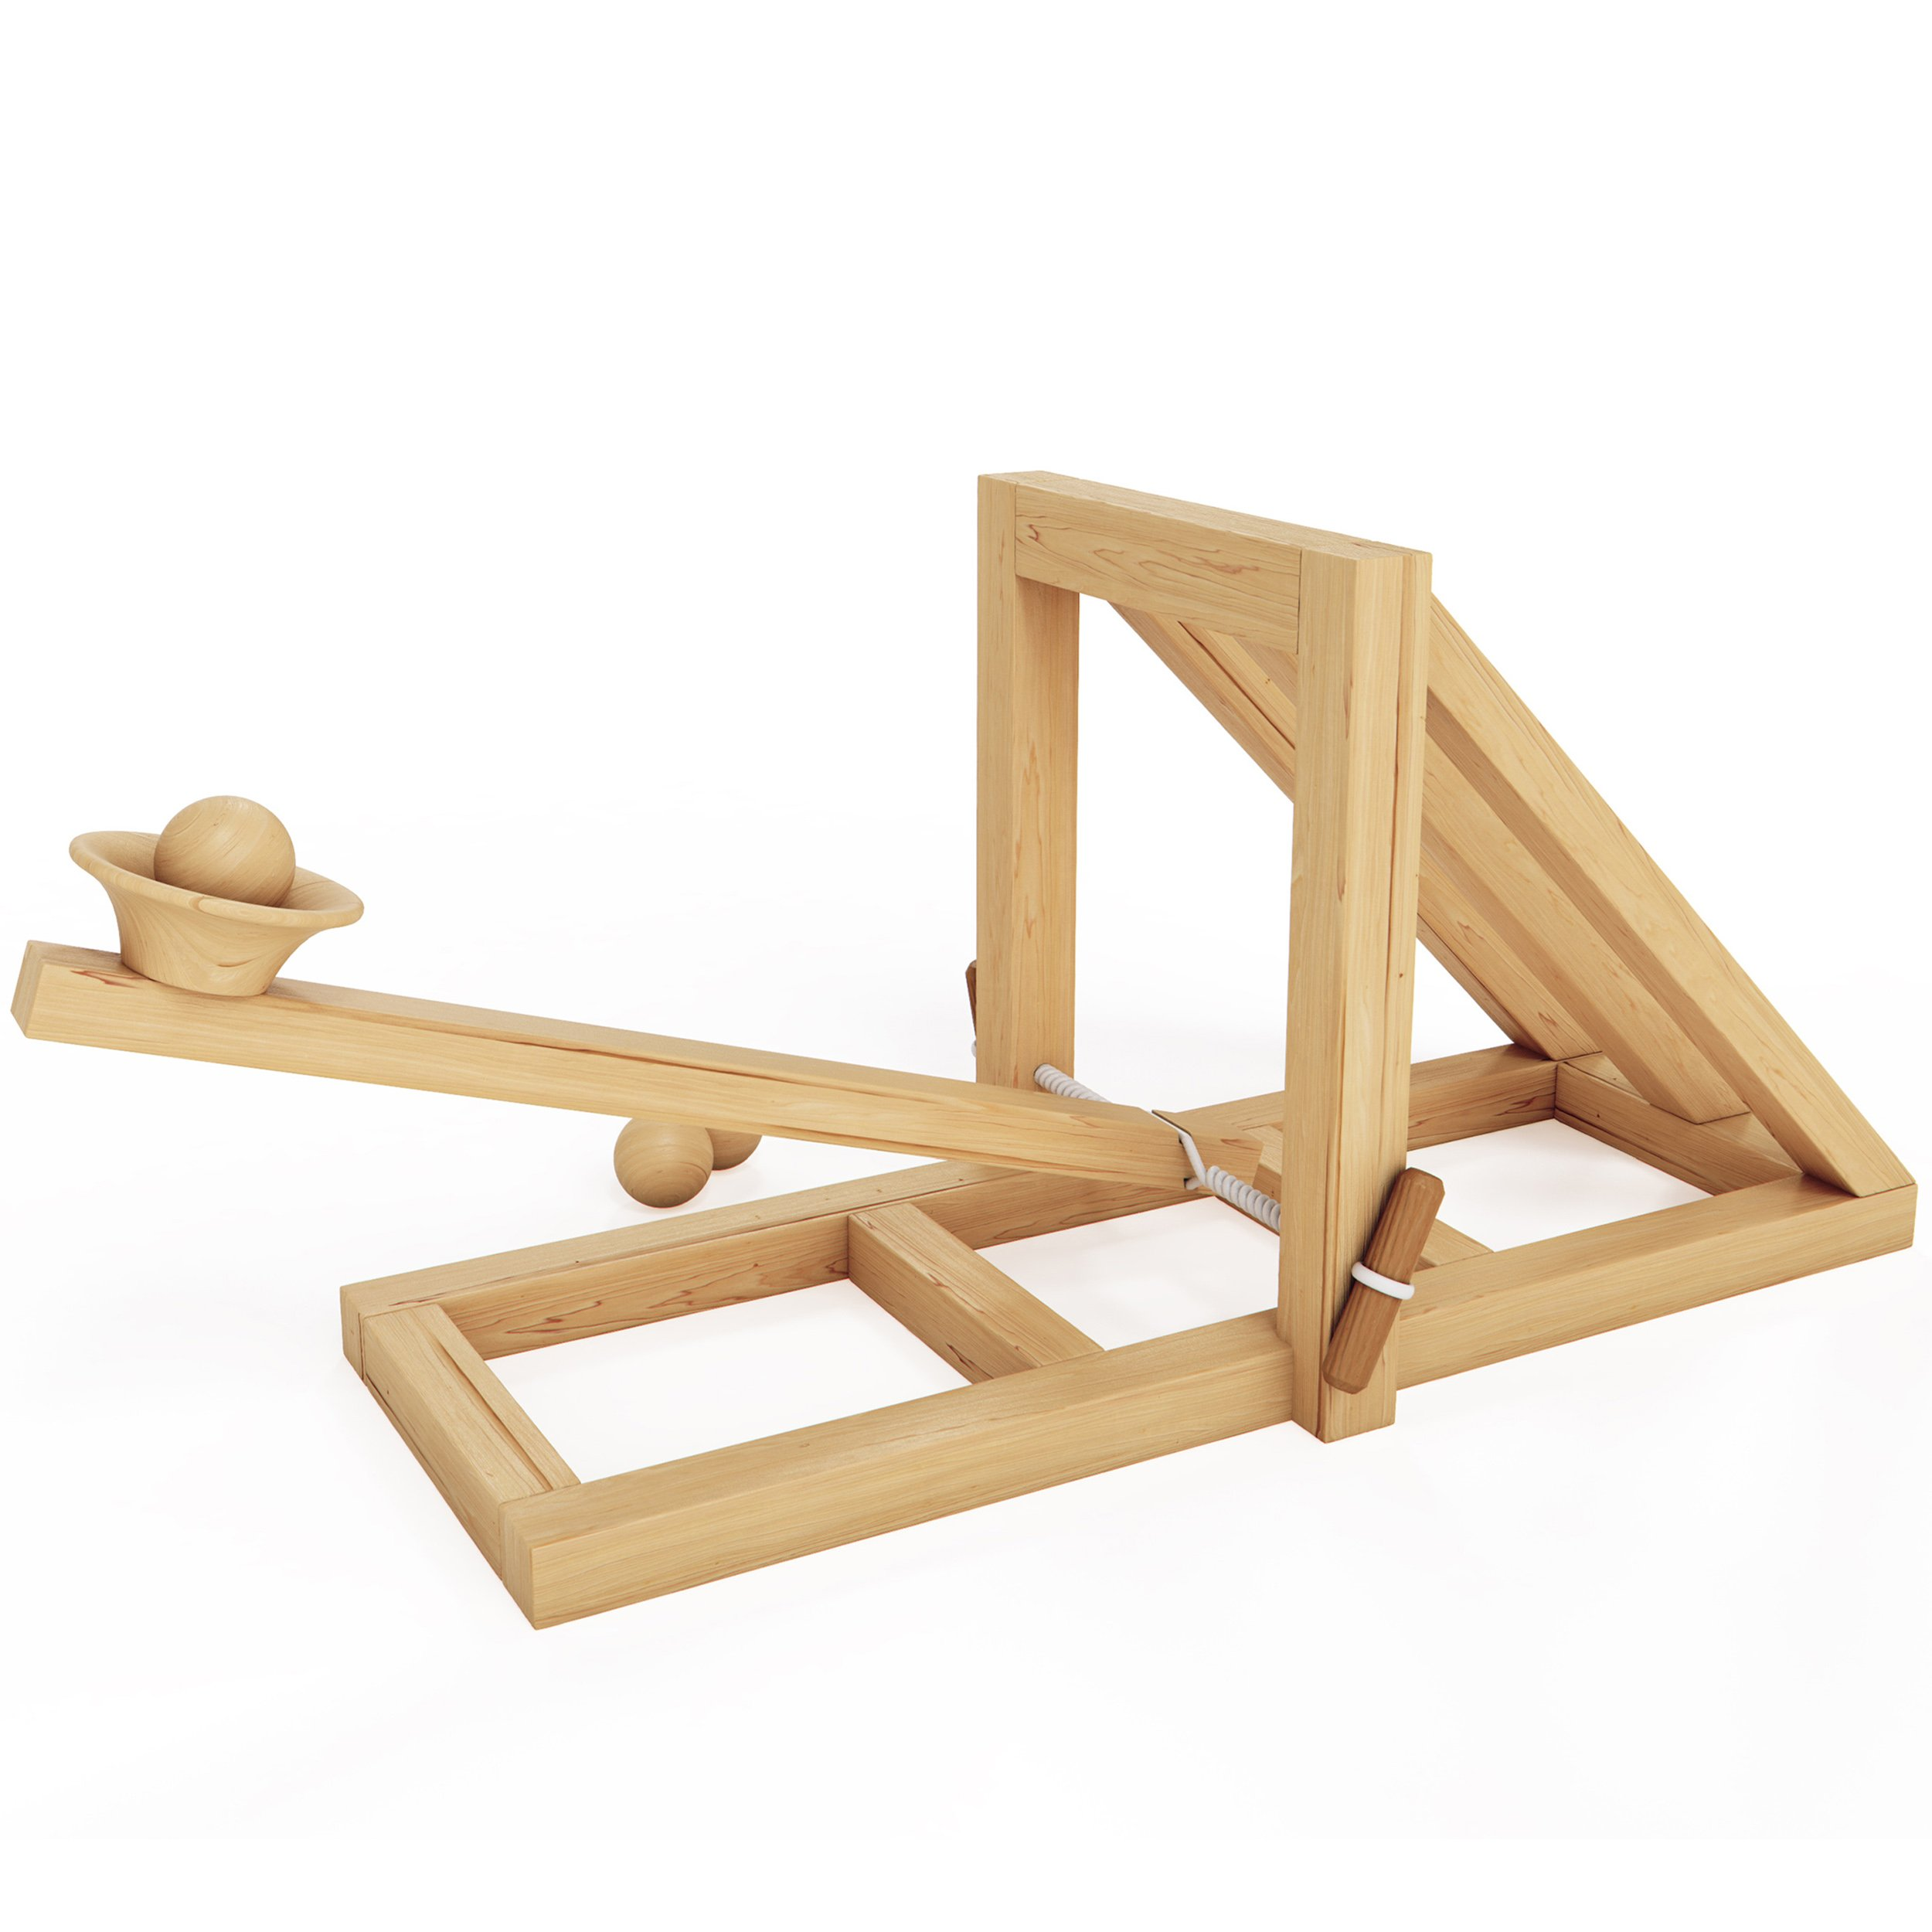 MOTA Catapult – Educational Desktop Battle Kit – Easy to Build Wooden Toy Kit for all Ages